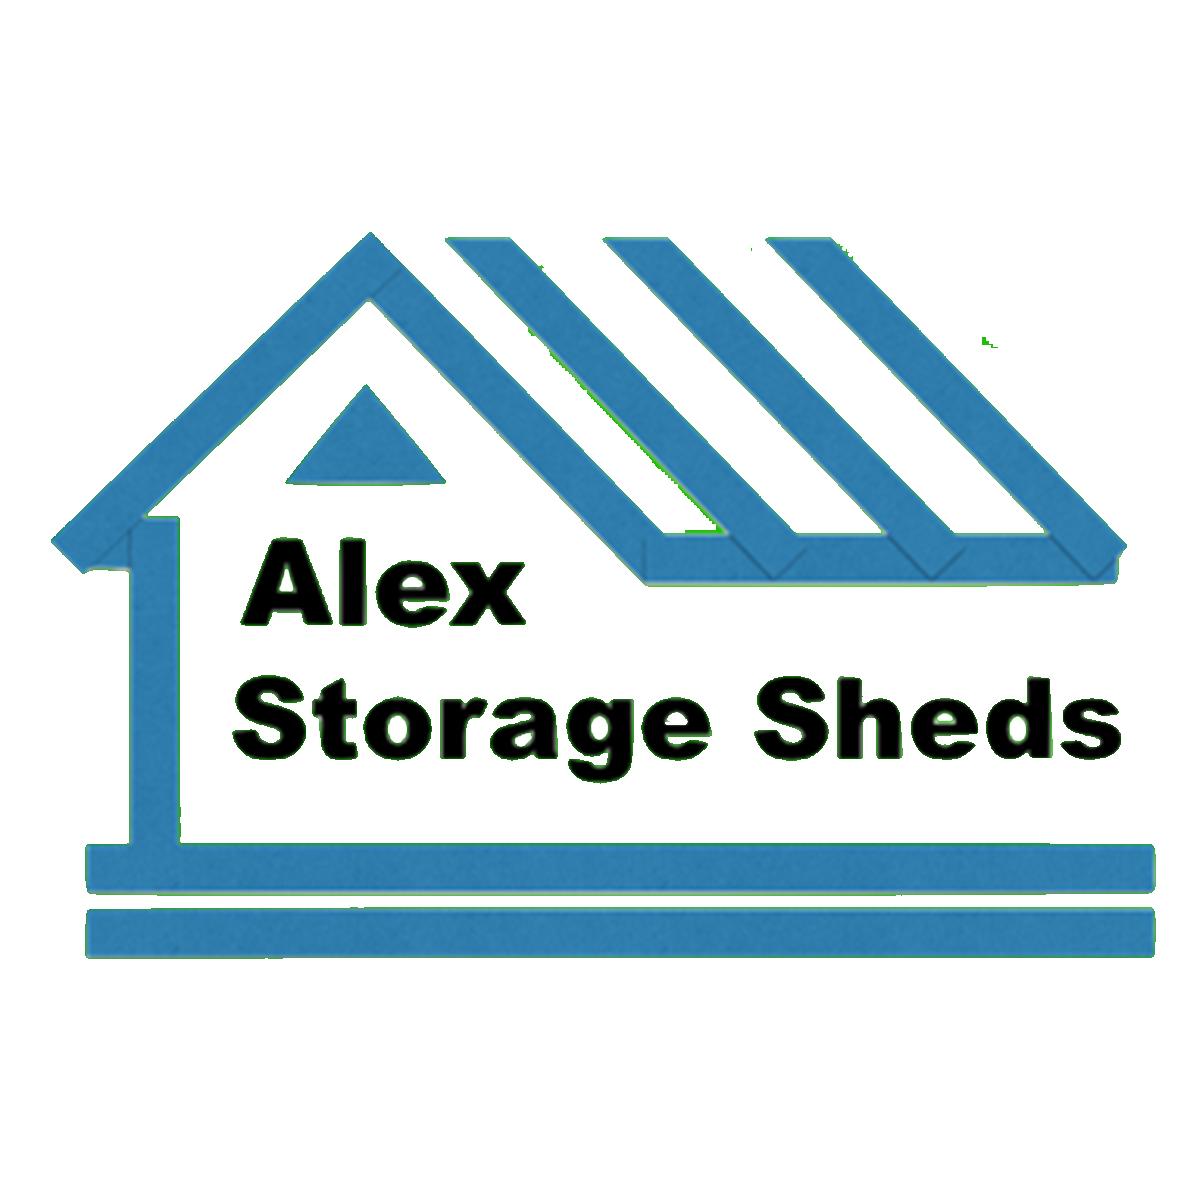 Alex Storage Sheds